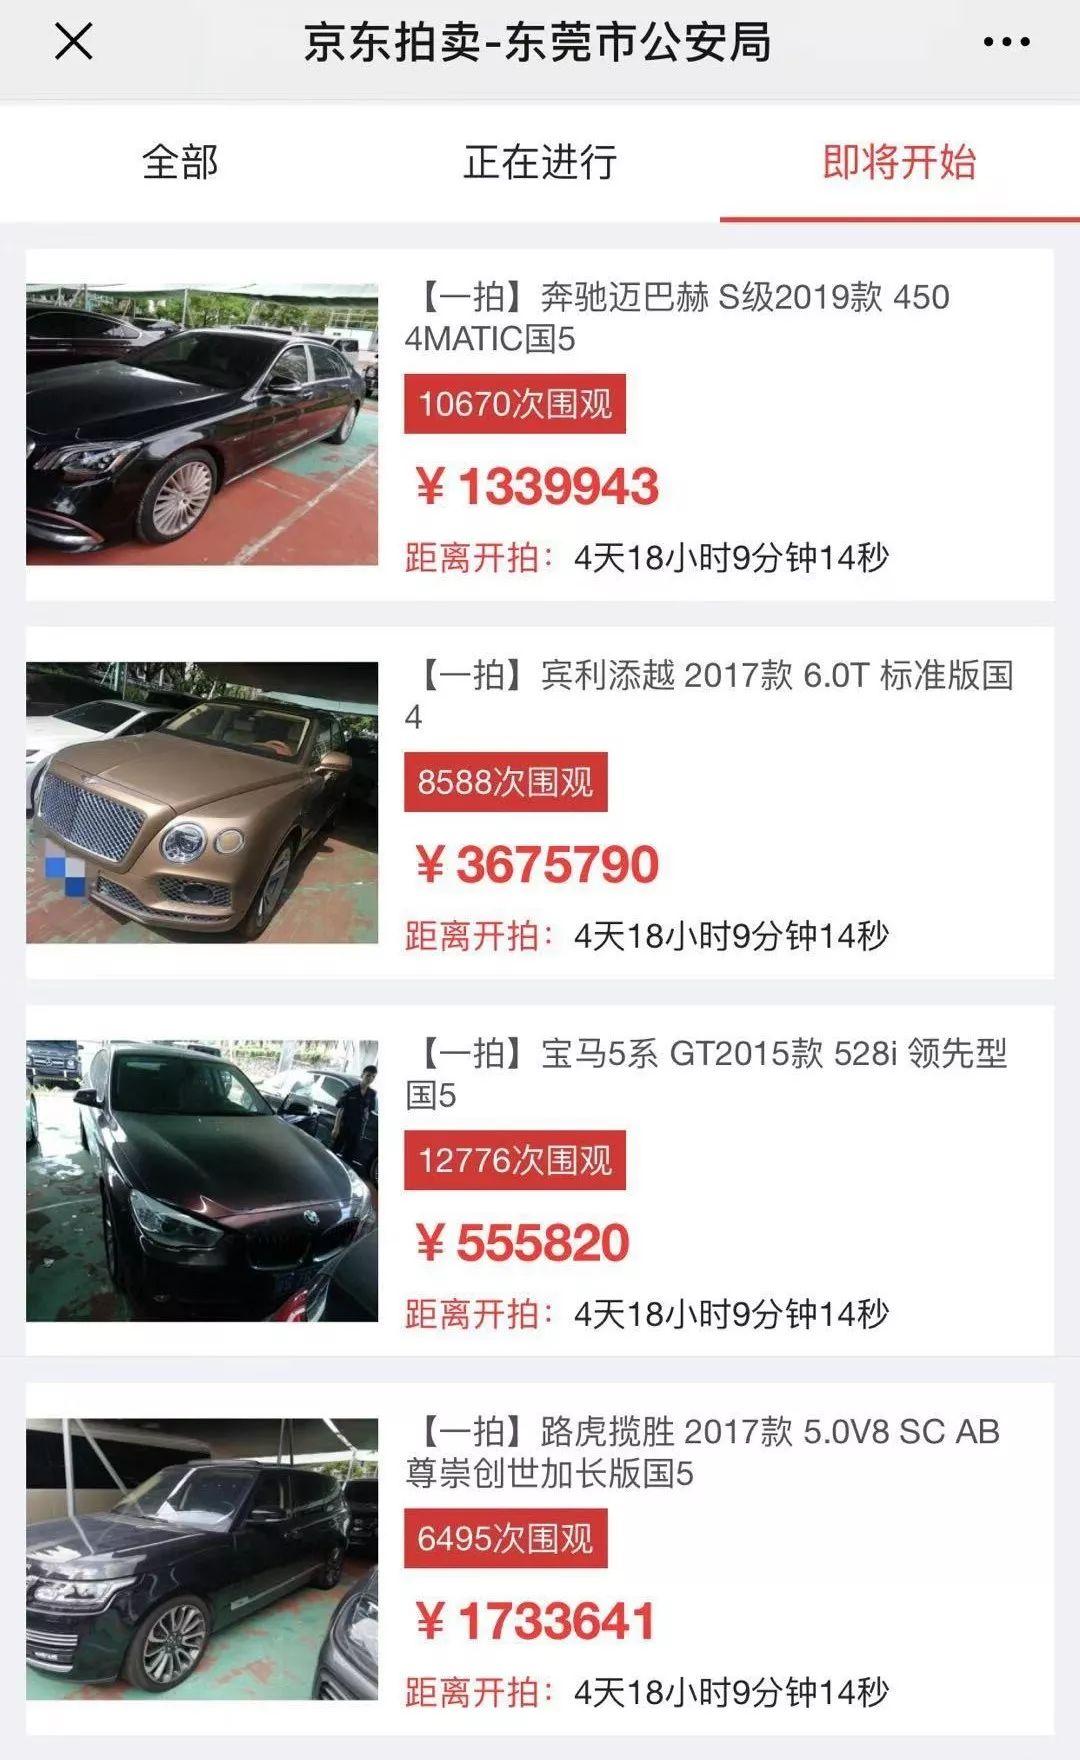 团贷网案最新通报!宾利、奔驰、保时捷、路虎、宝马一批豪车将被拍卖!